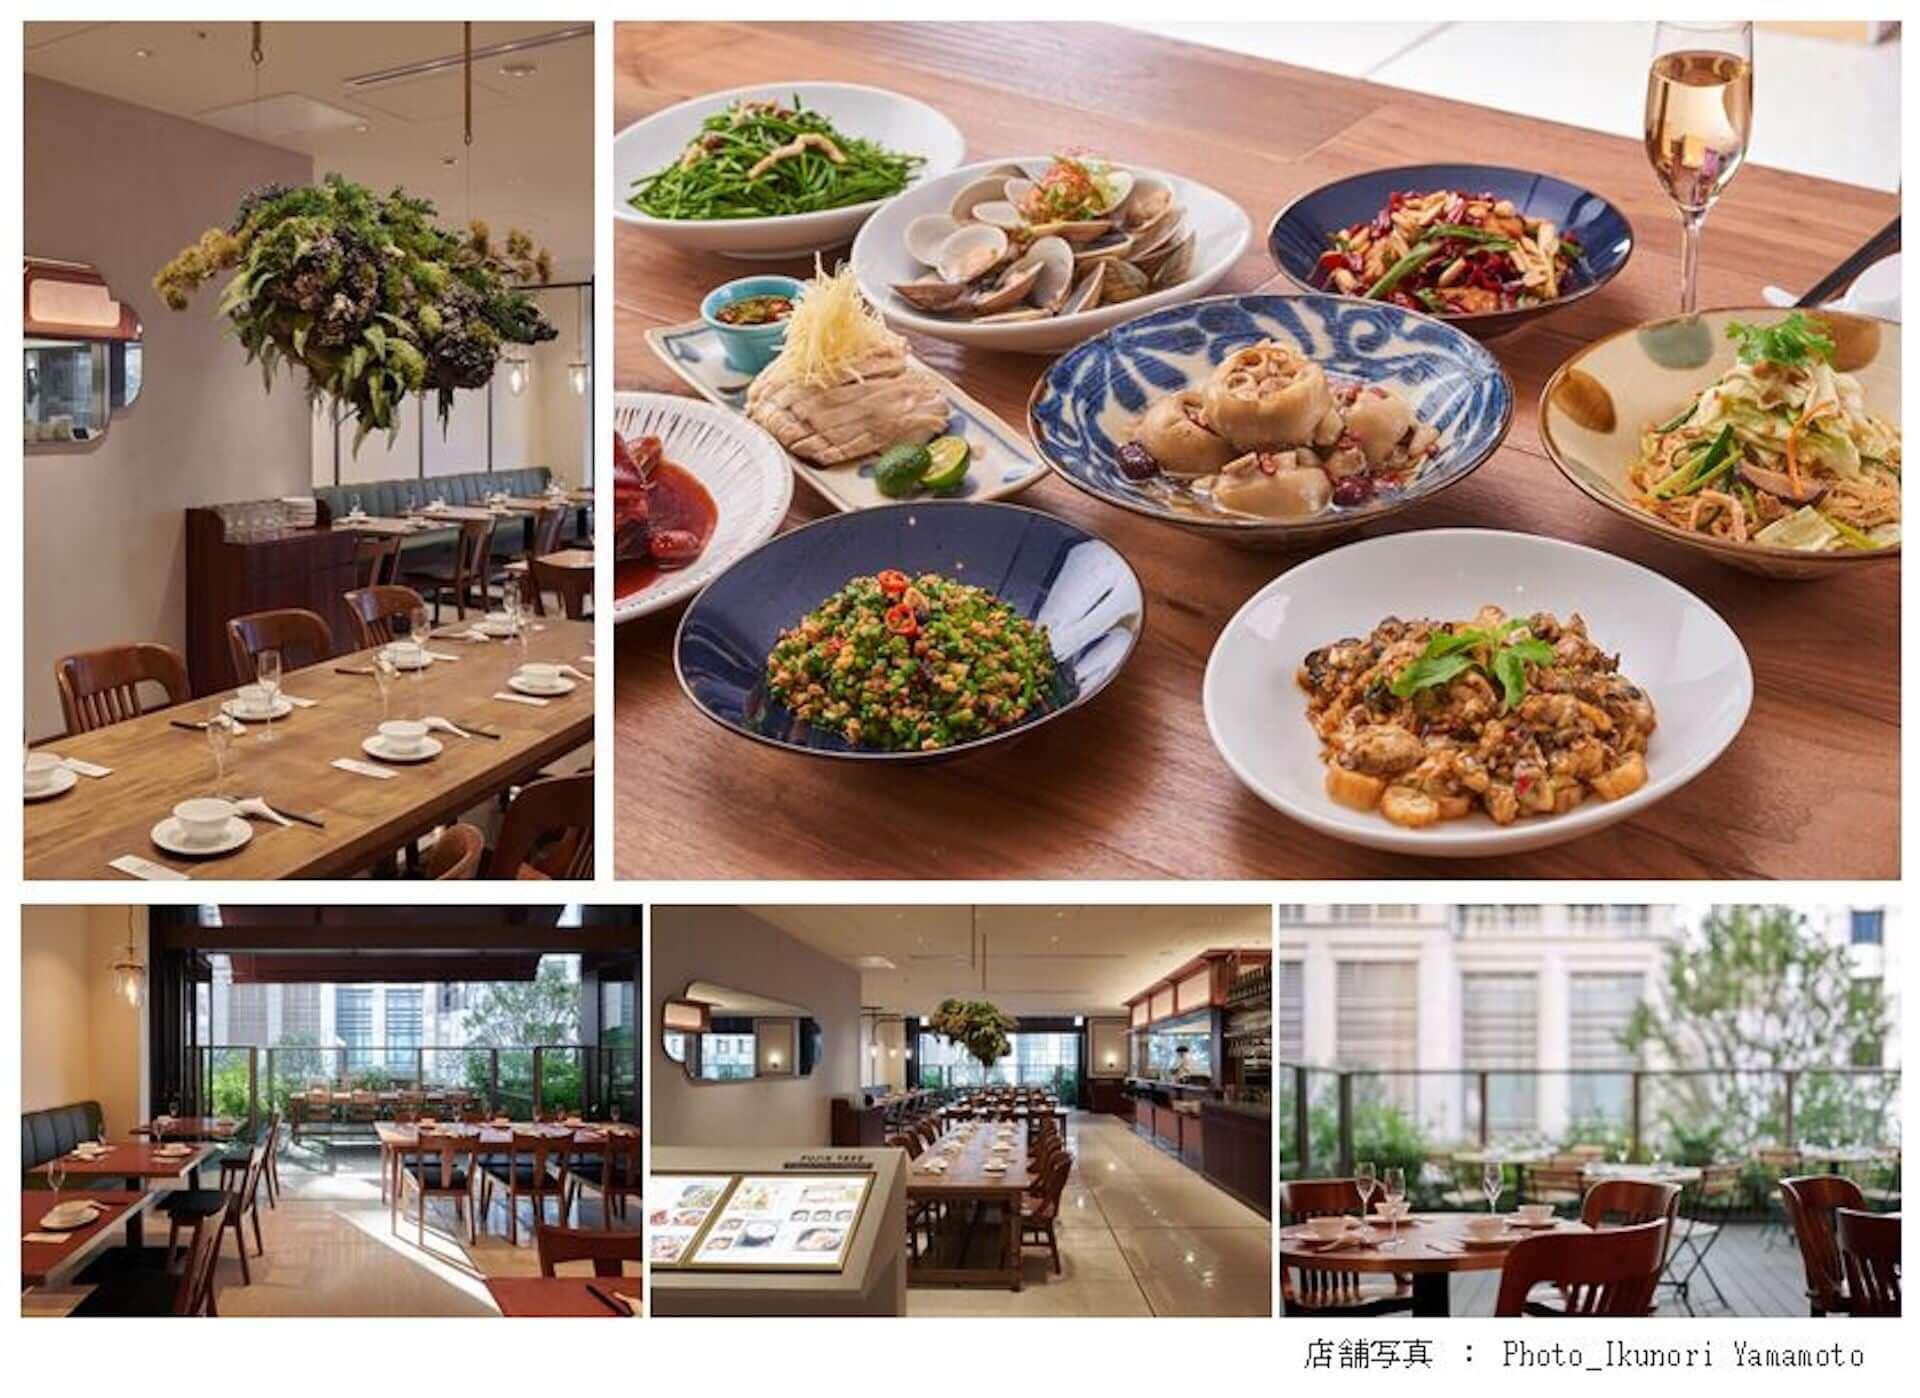 政府が勧める台湾料理!日本に初上陸した富錦樹台菜香檳・室町店がフードメニューのテイクアウトサービスを開始 gourmet200326_fujintree_2-1920x1398